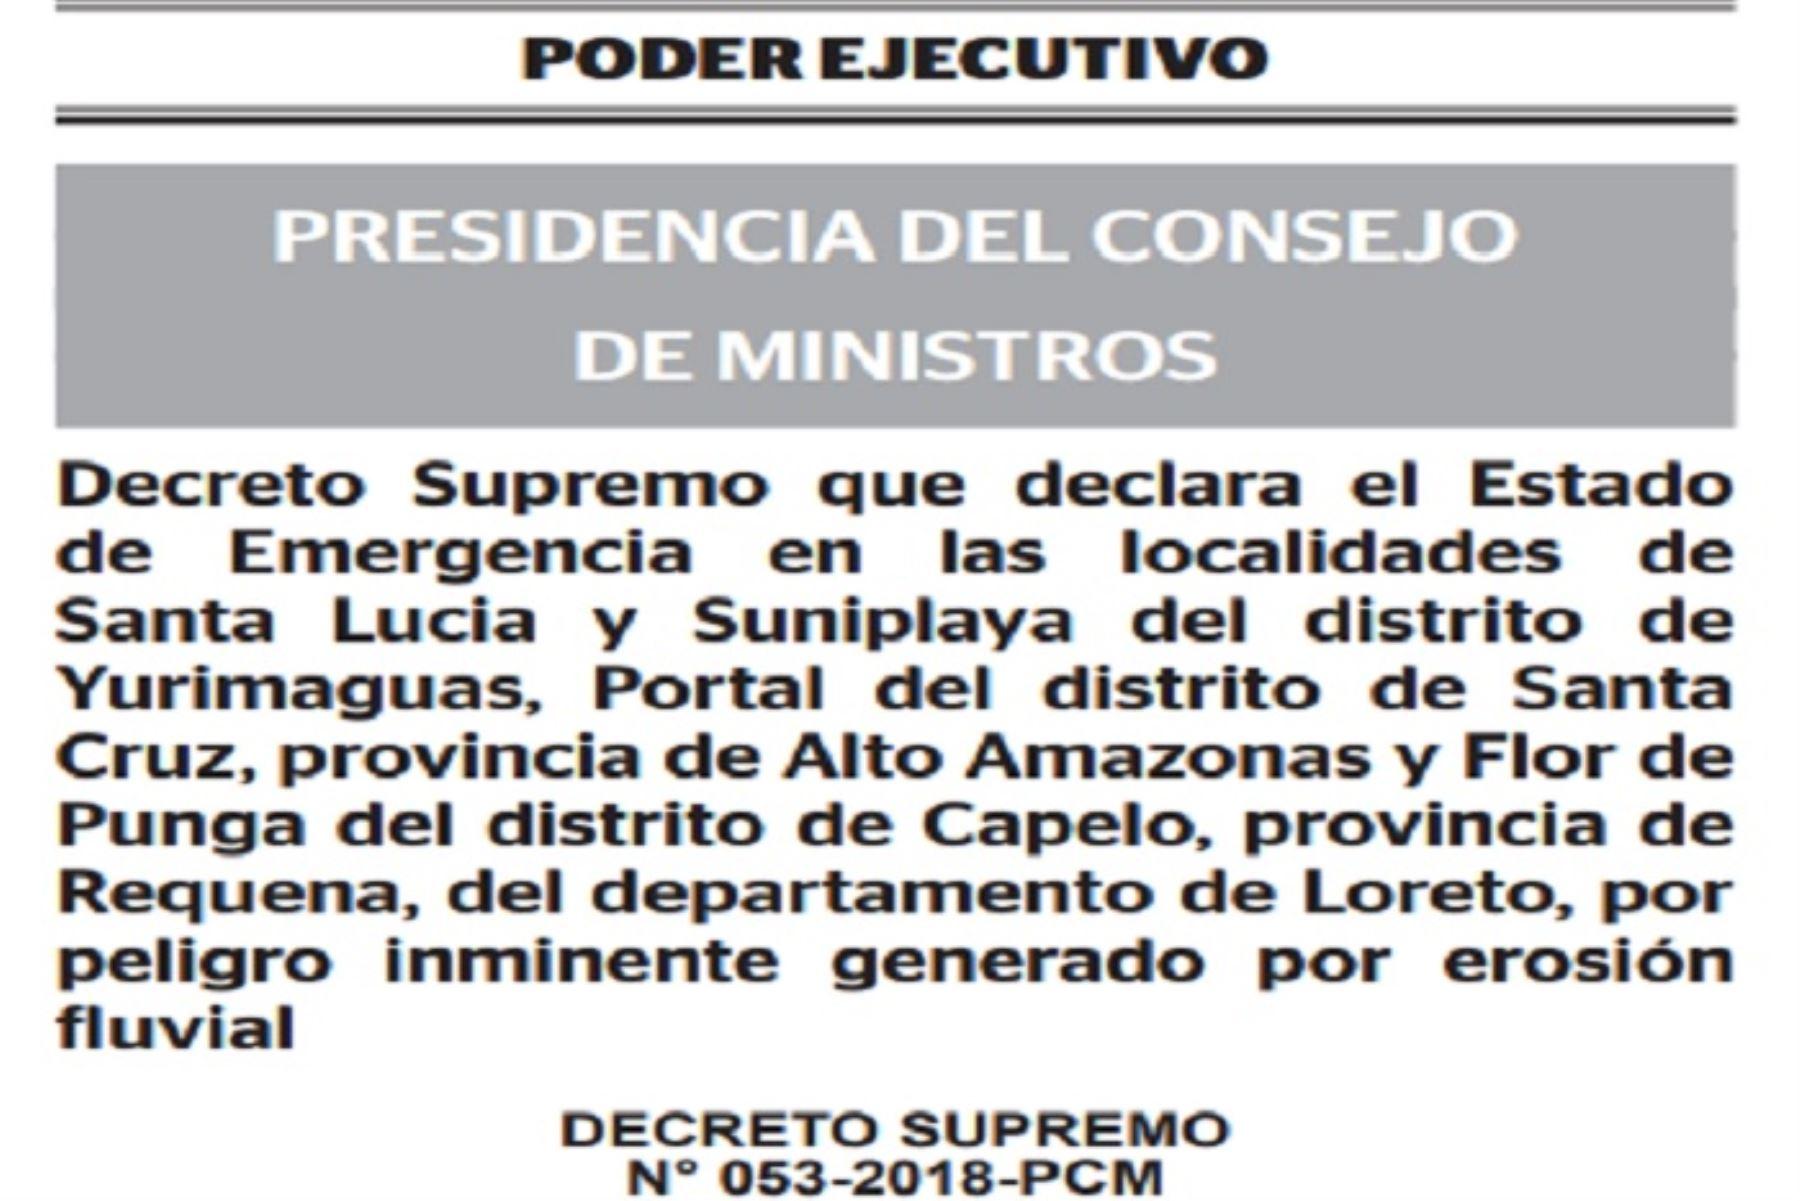 Acciones inmediatas a desarrollar estarán a cargo del Gobierno Regional de Loreto, y los gobiernos locales Involucrados, con la coordinación técnica y seguimiento del Instituto Nacional de Defensa Civil.